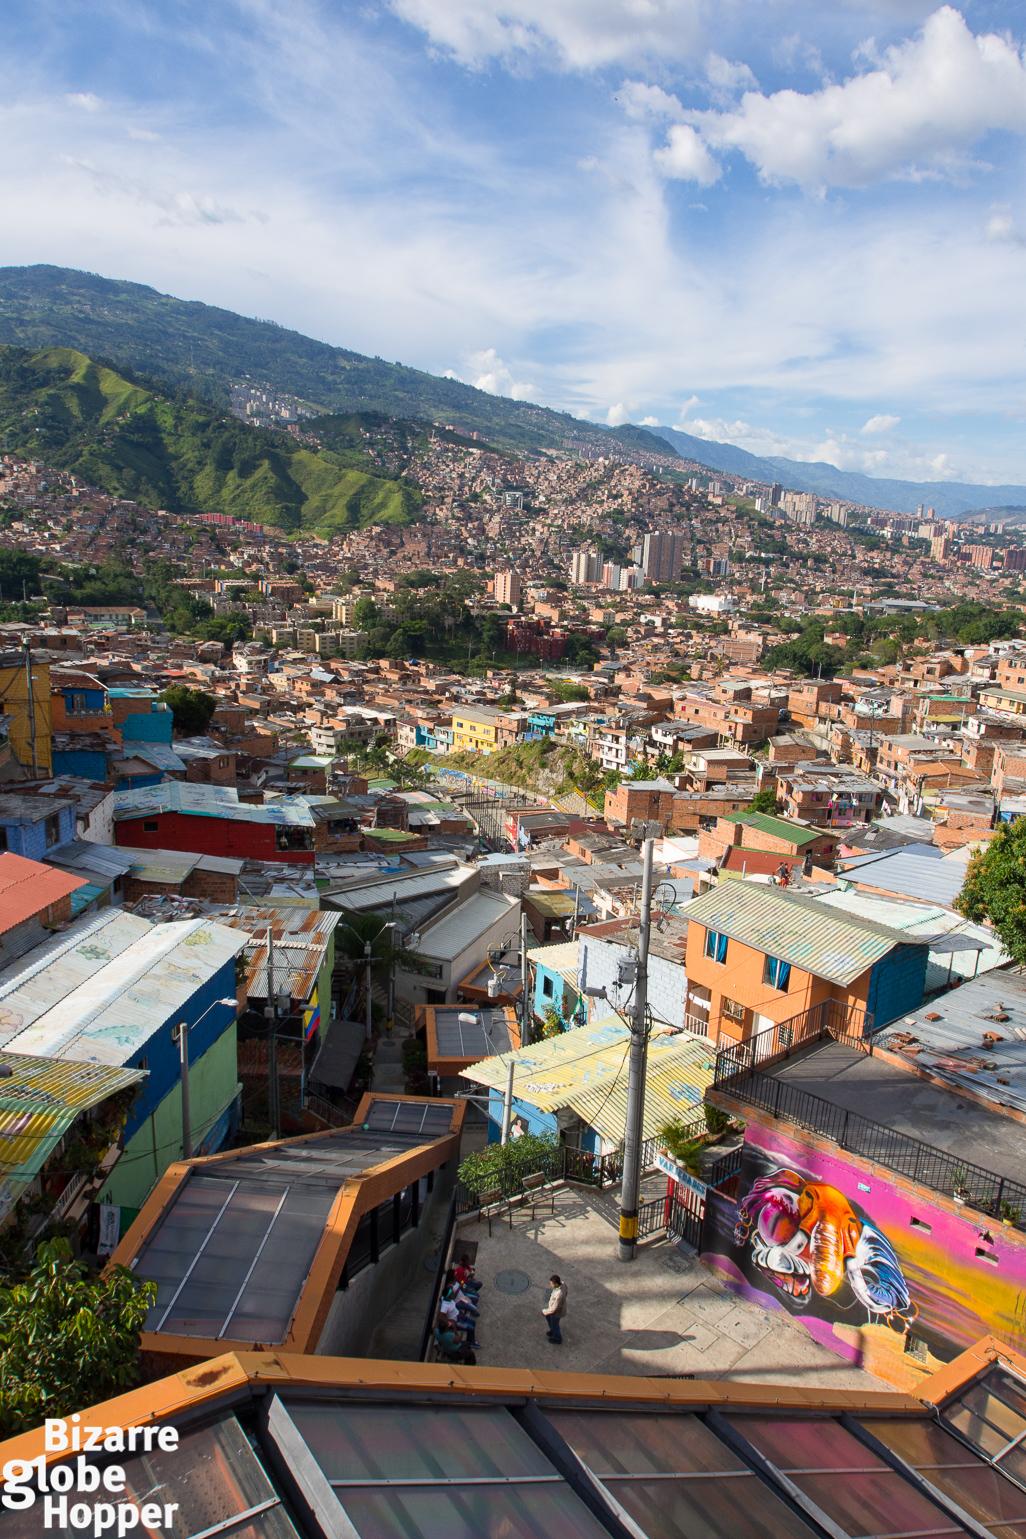 Escalators To Heaven Visiting Comuna 13 Medellin The